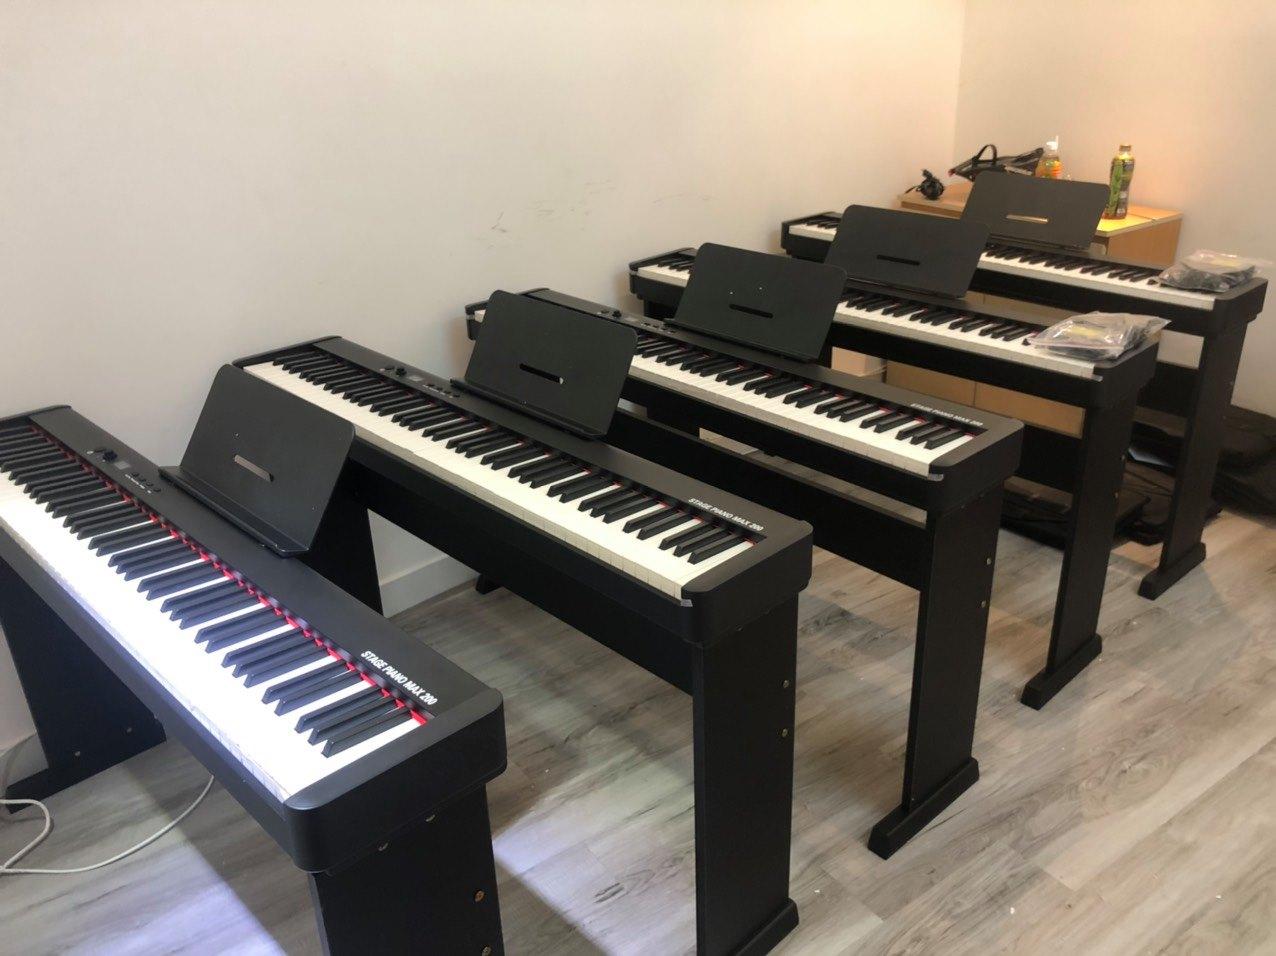 Đàn piano điện Maxwell 200 có gì nổi bật?